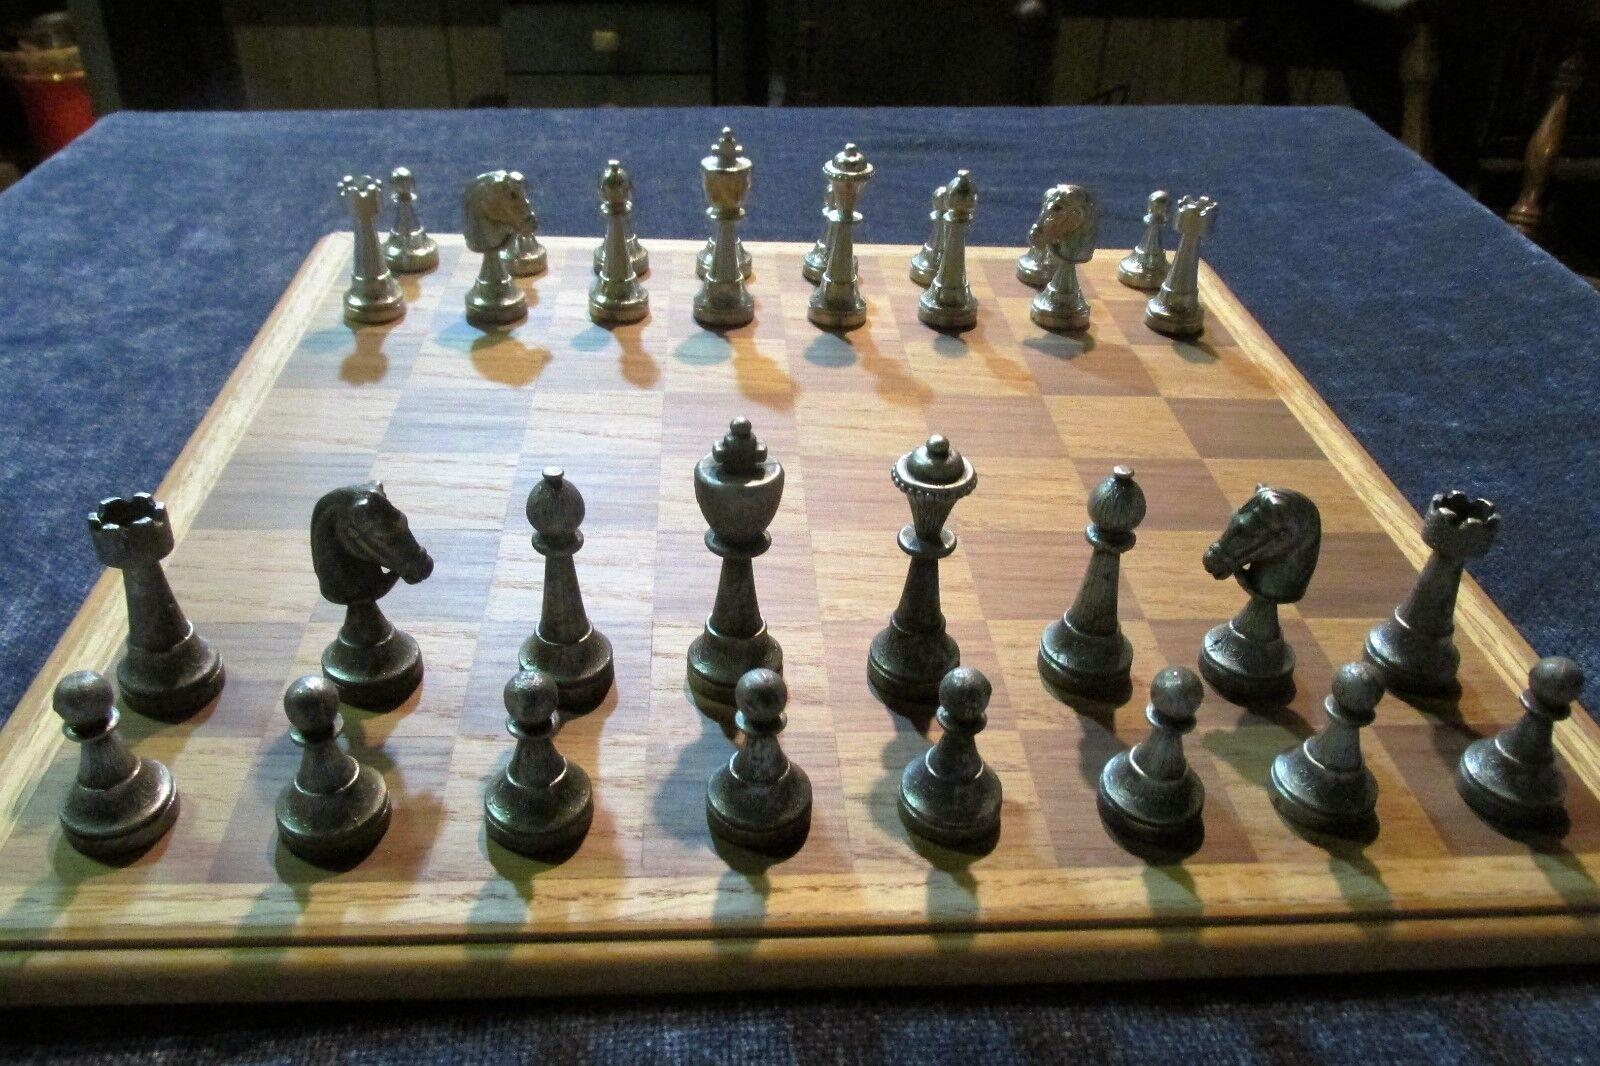 Britannia Étain staunton chess set 2 3 4 pouces de hauteur rois livraison gratuite